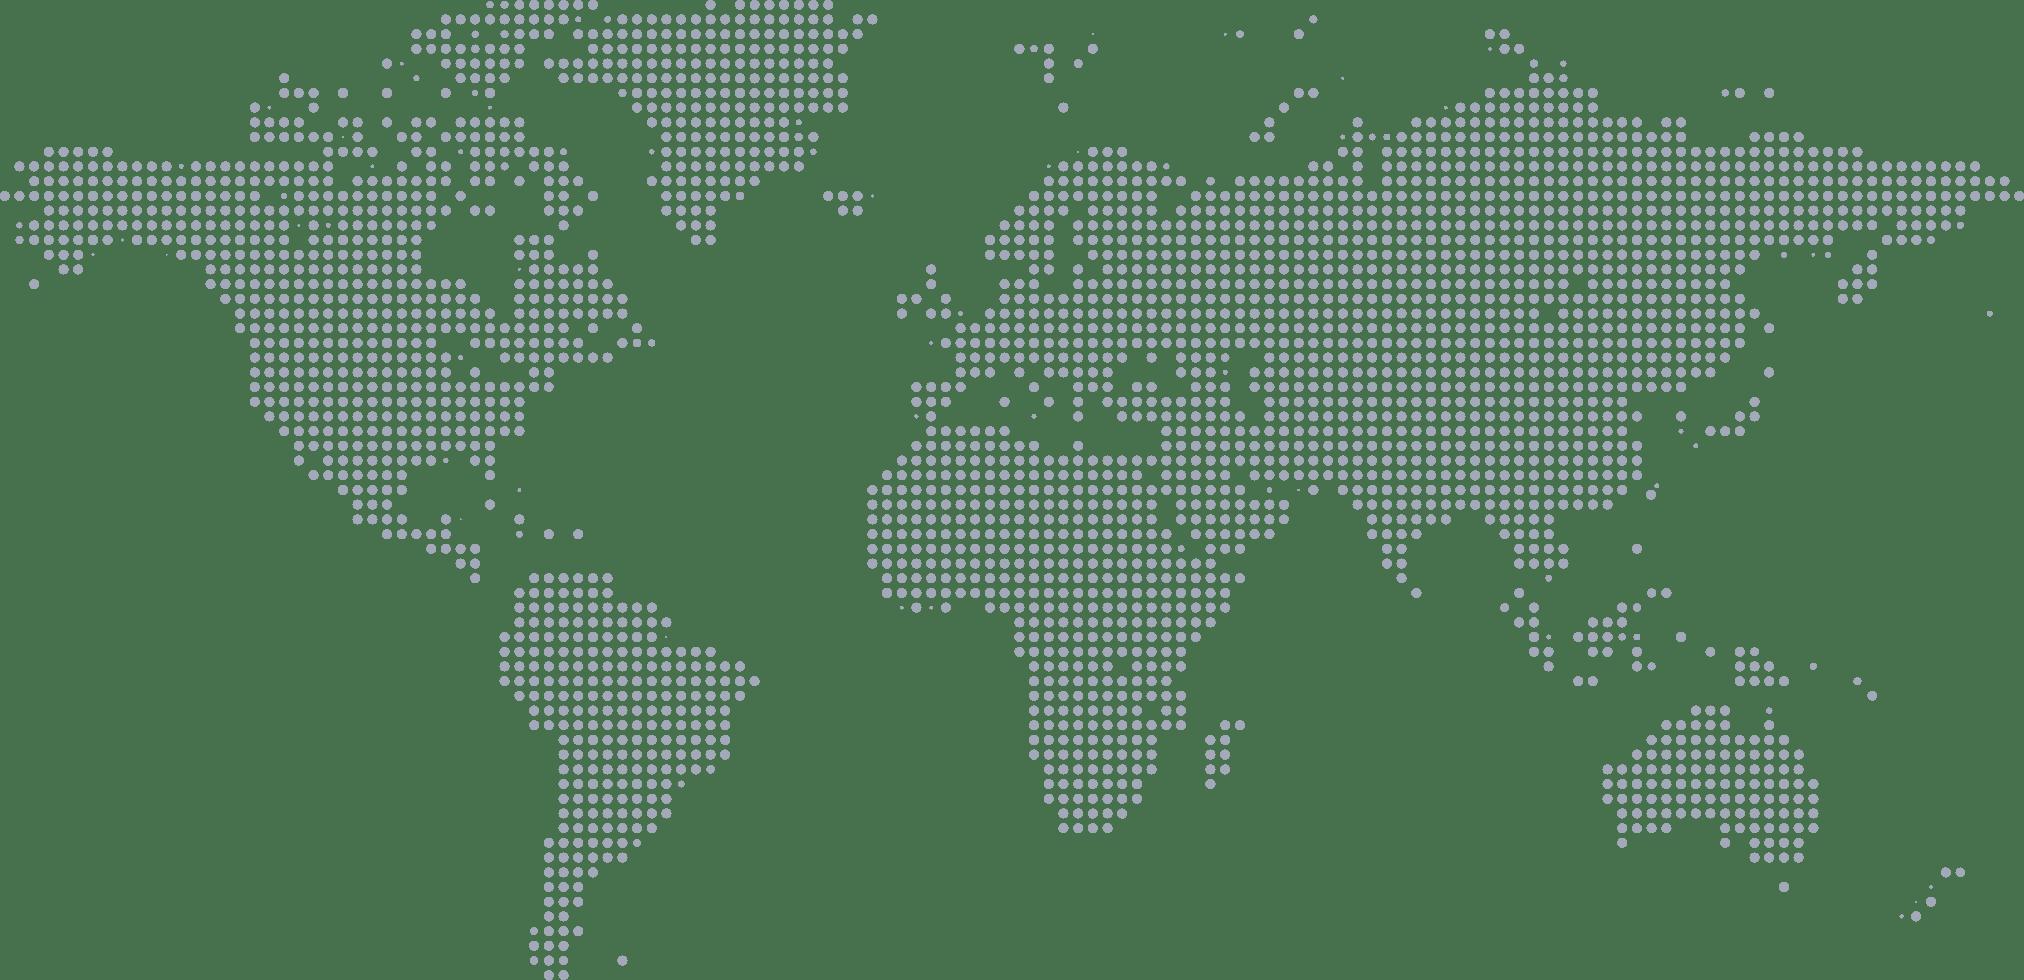 中国境外 CDN 部署节点